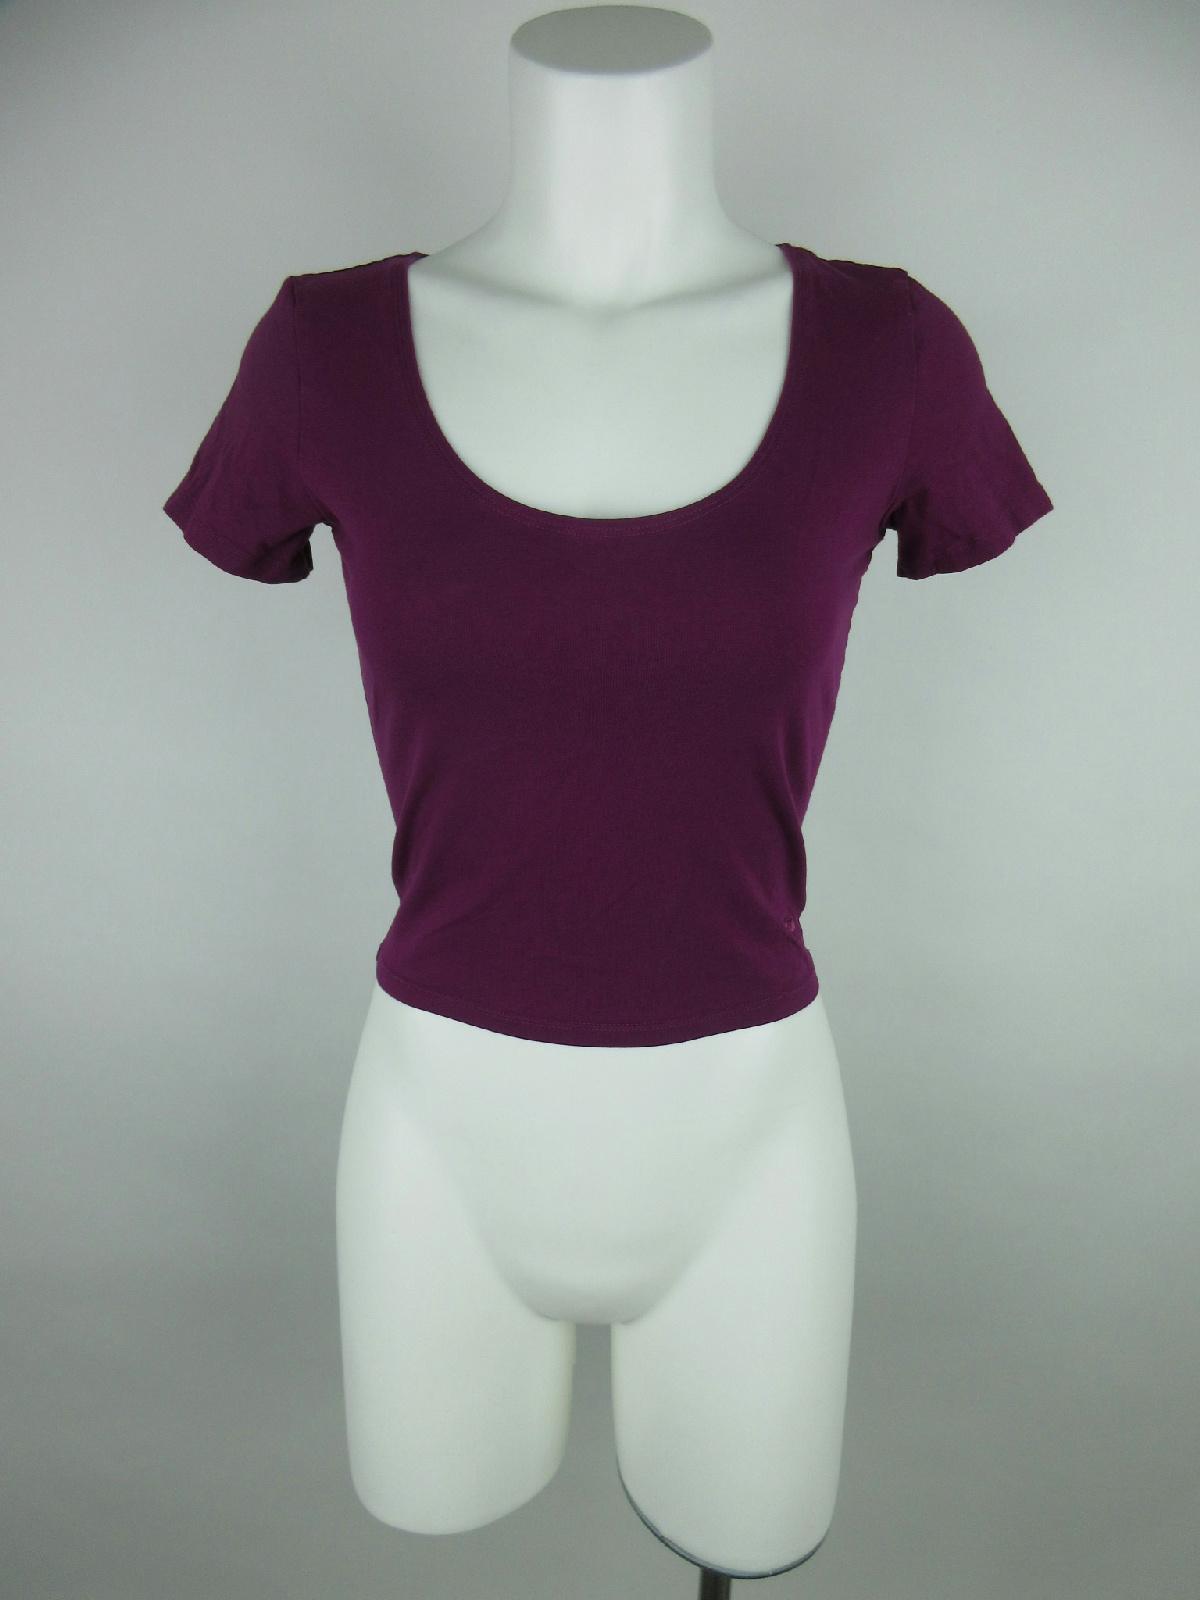 1154f9903517c Details about Pink Victoria's Secret Women S Cotton Heart-Cut Back Scoop  Neck Purple T-Shirt